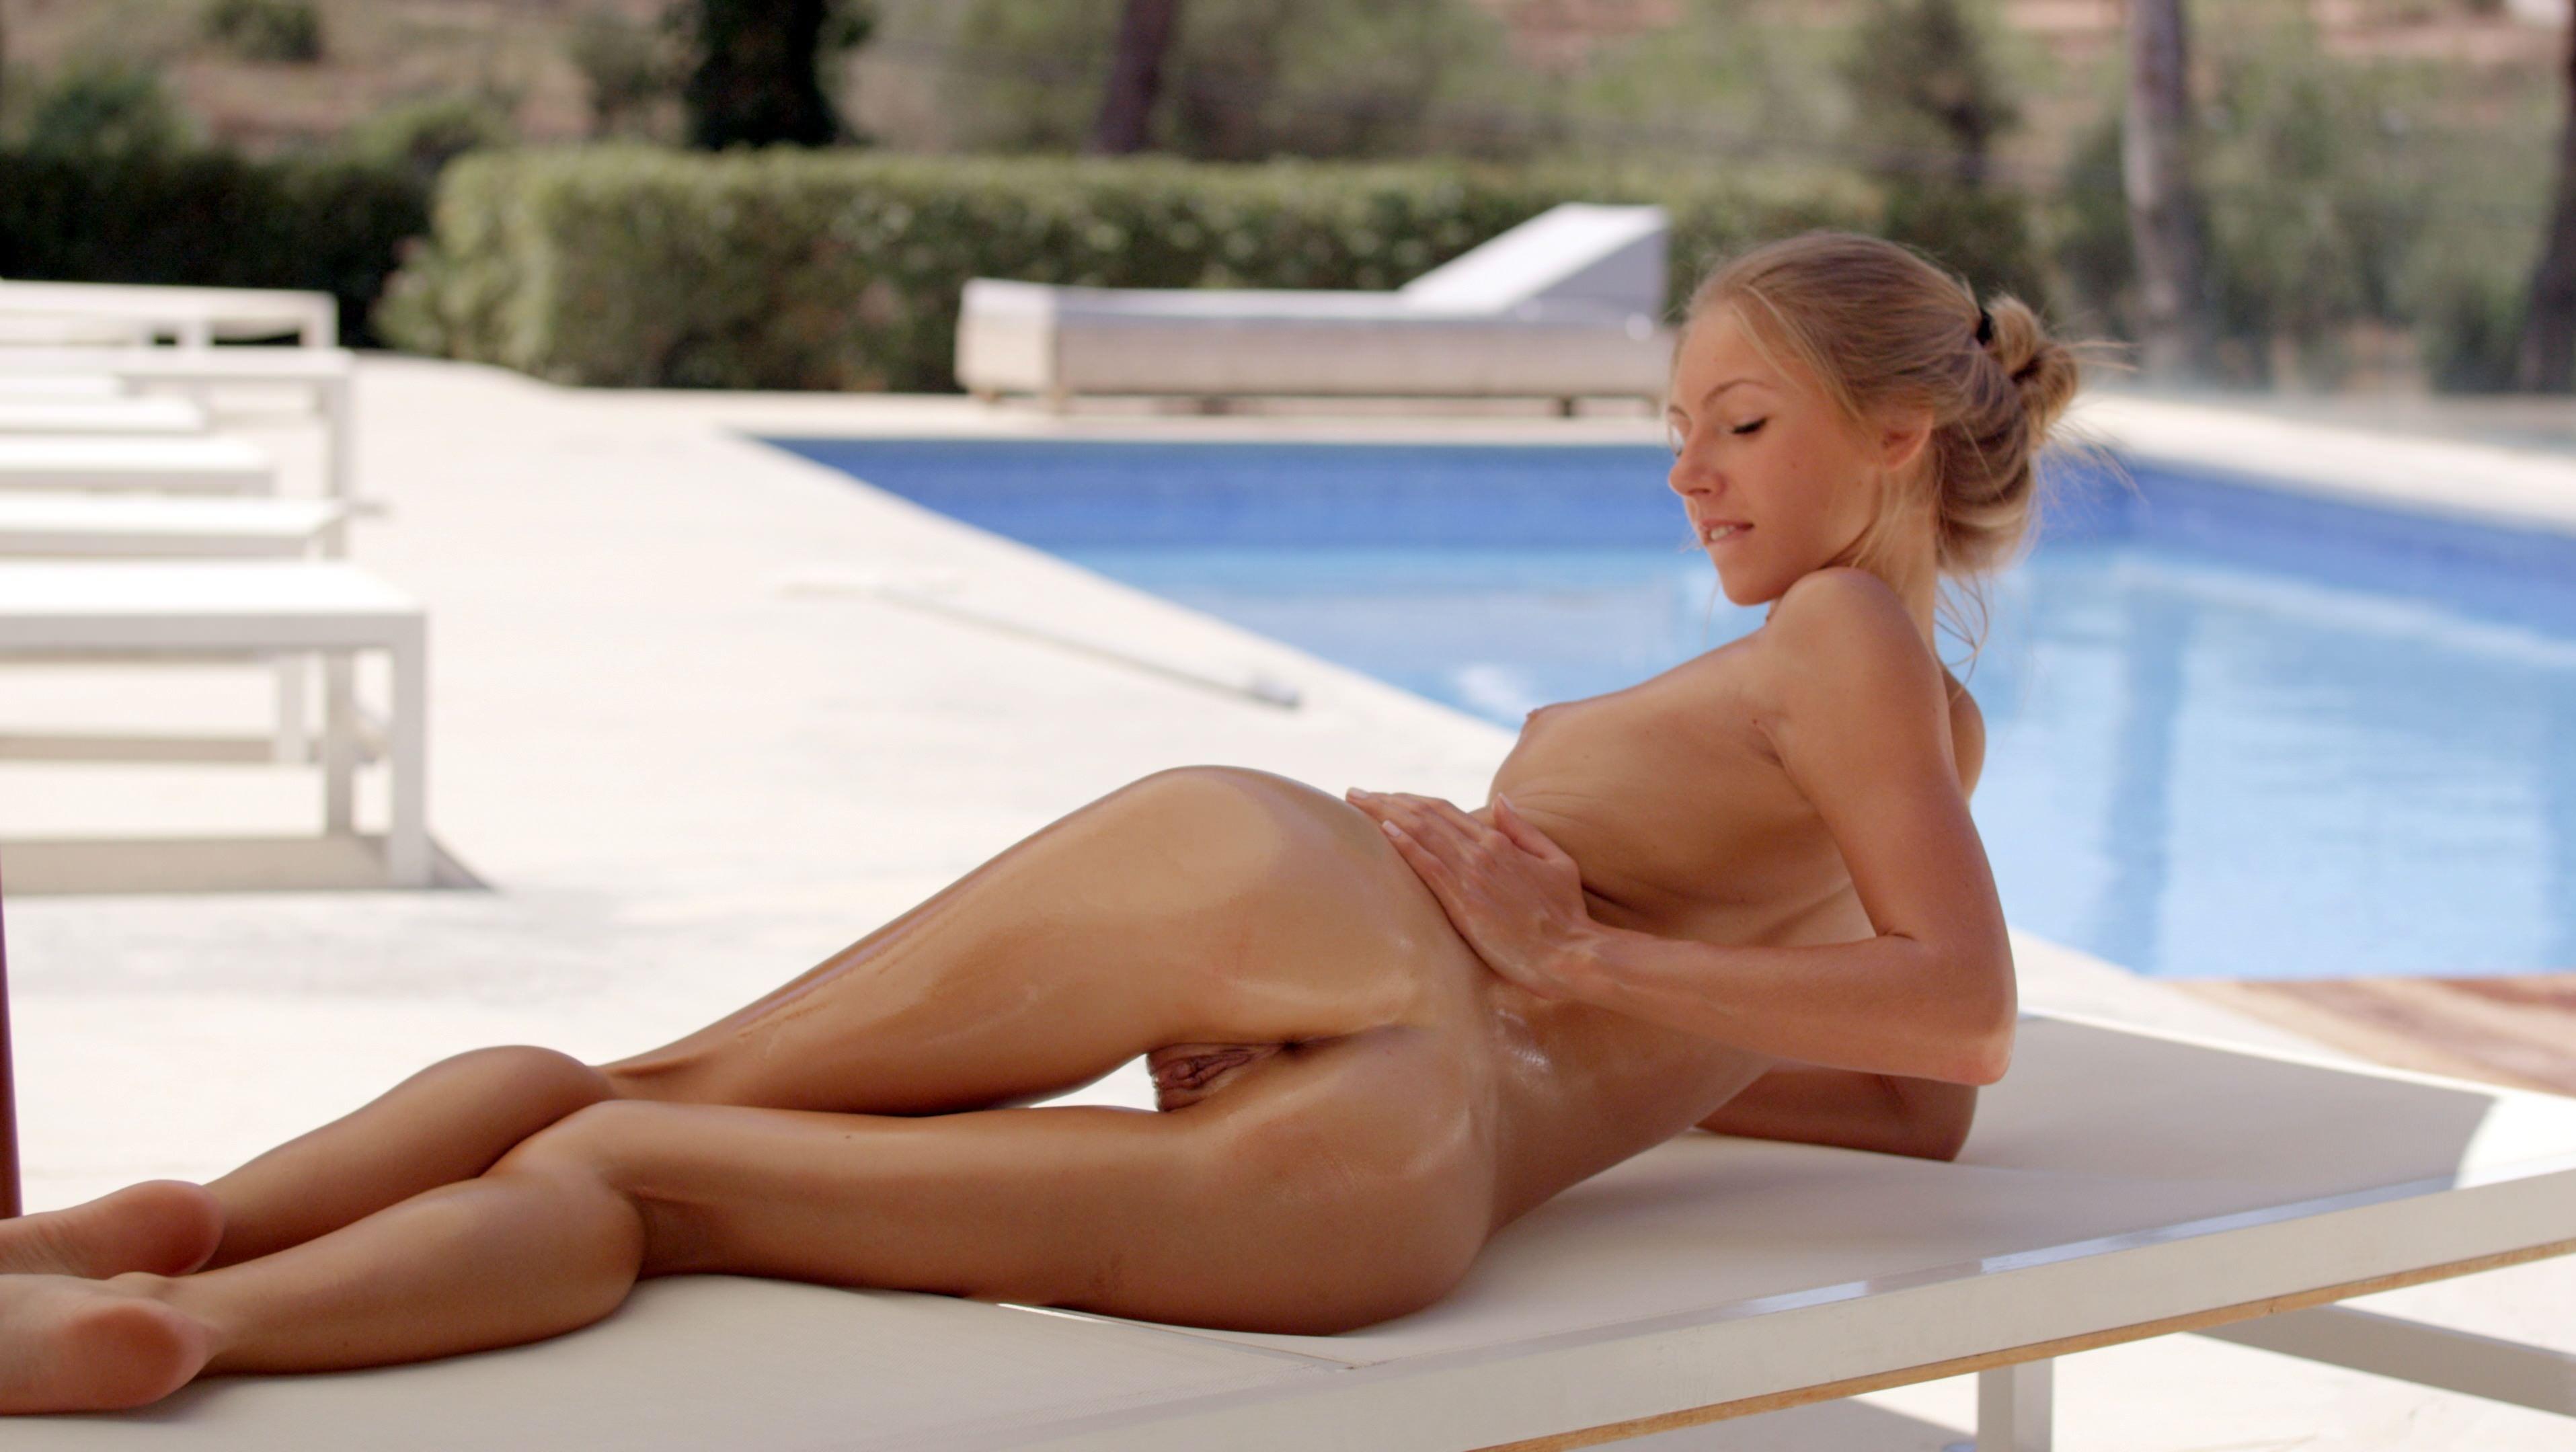 Фото Голая загорелая девушка мажет себя маслом, гладит попу и спинку, блестящие ляжки, бассейн, скачать картинку бесплатно